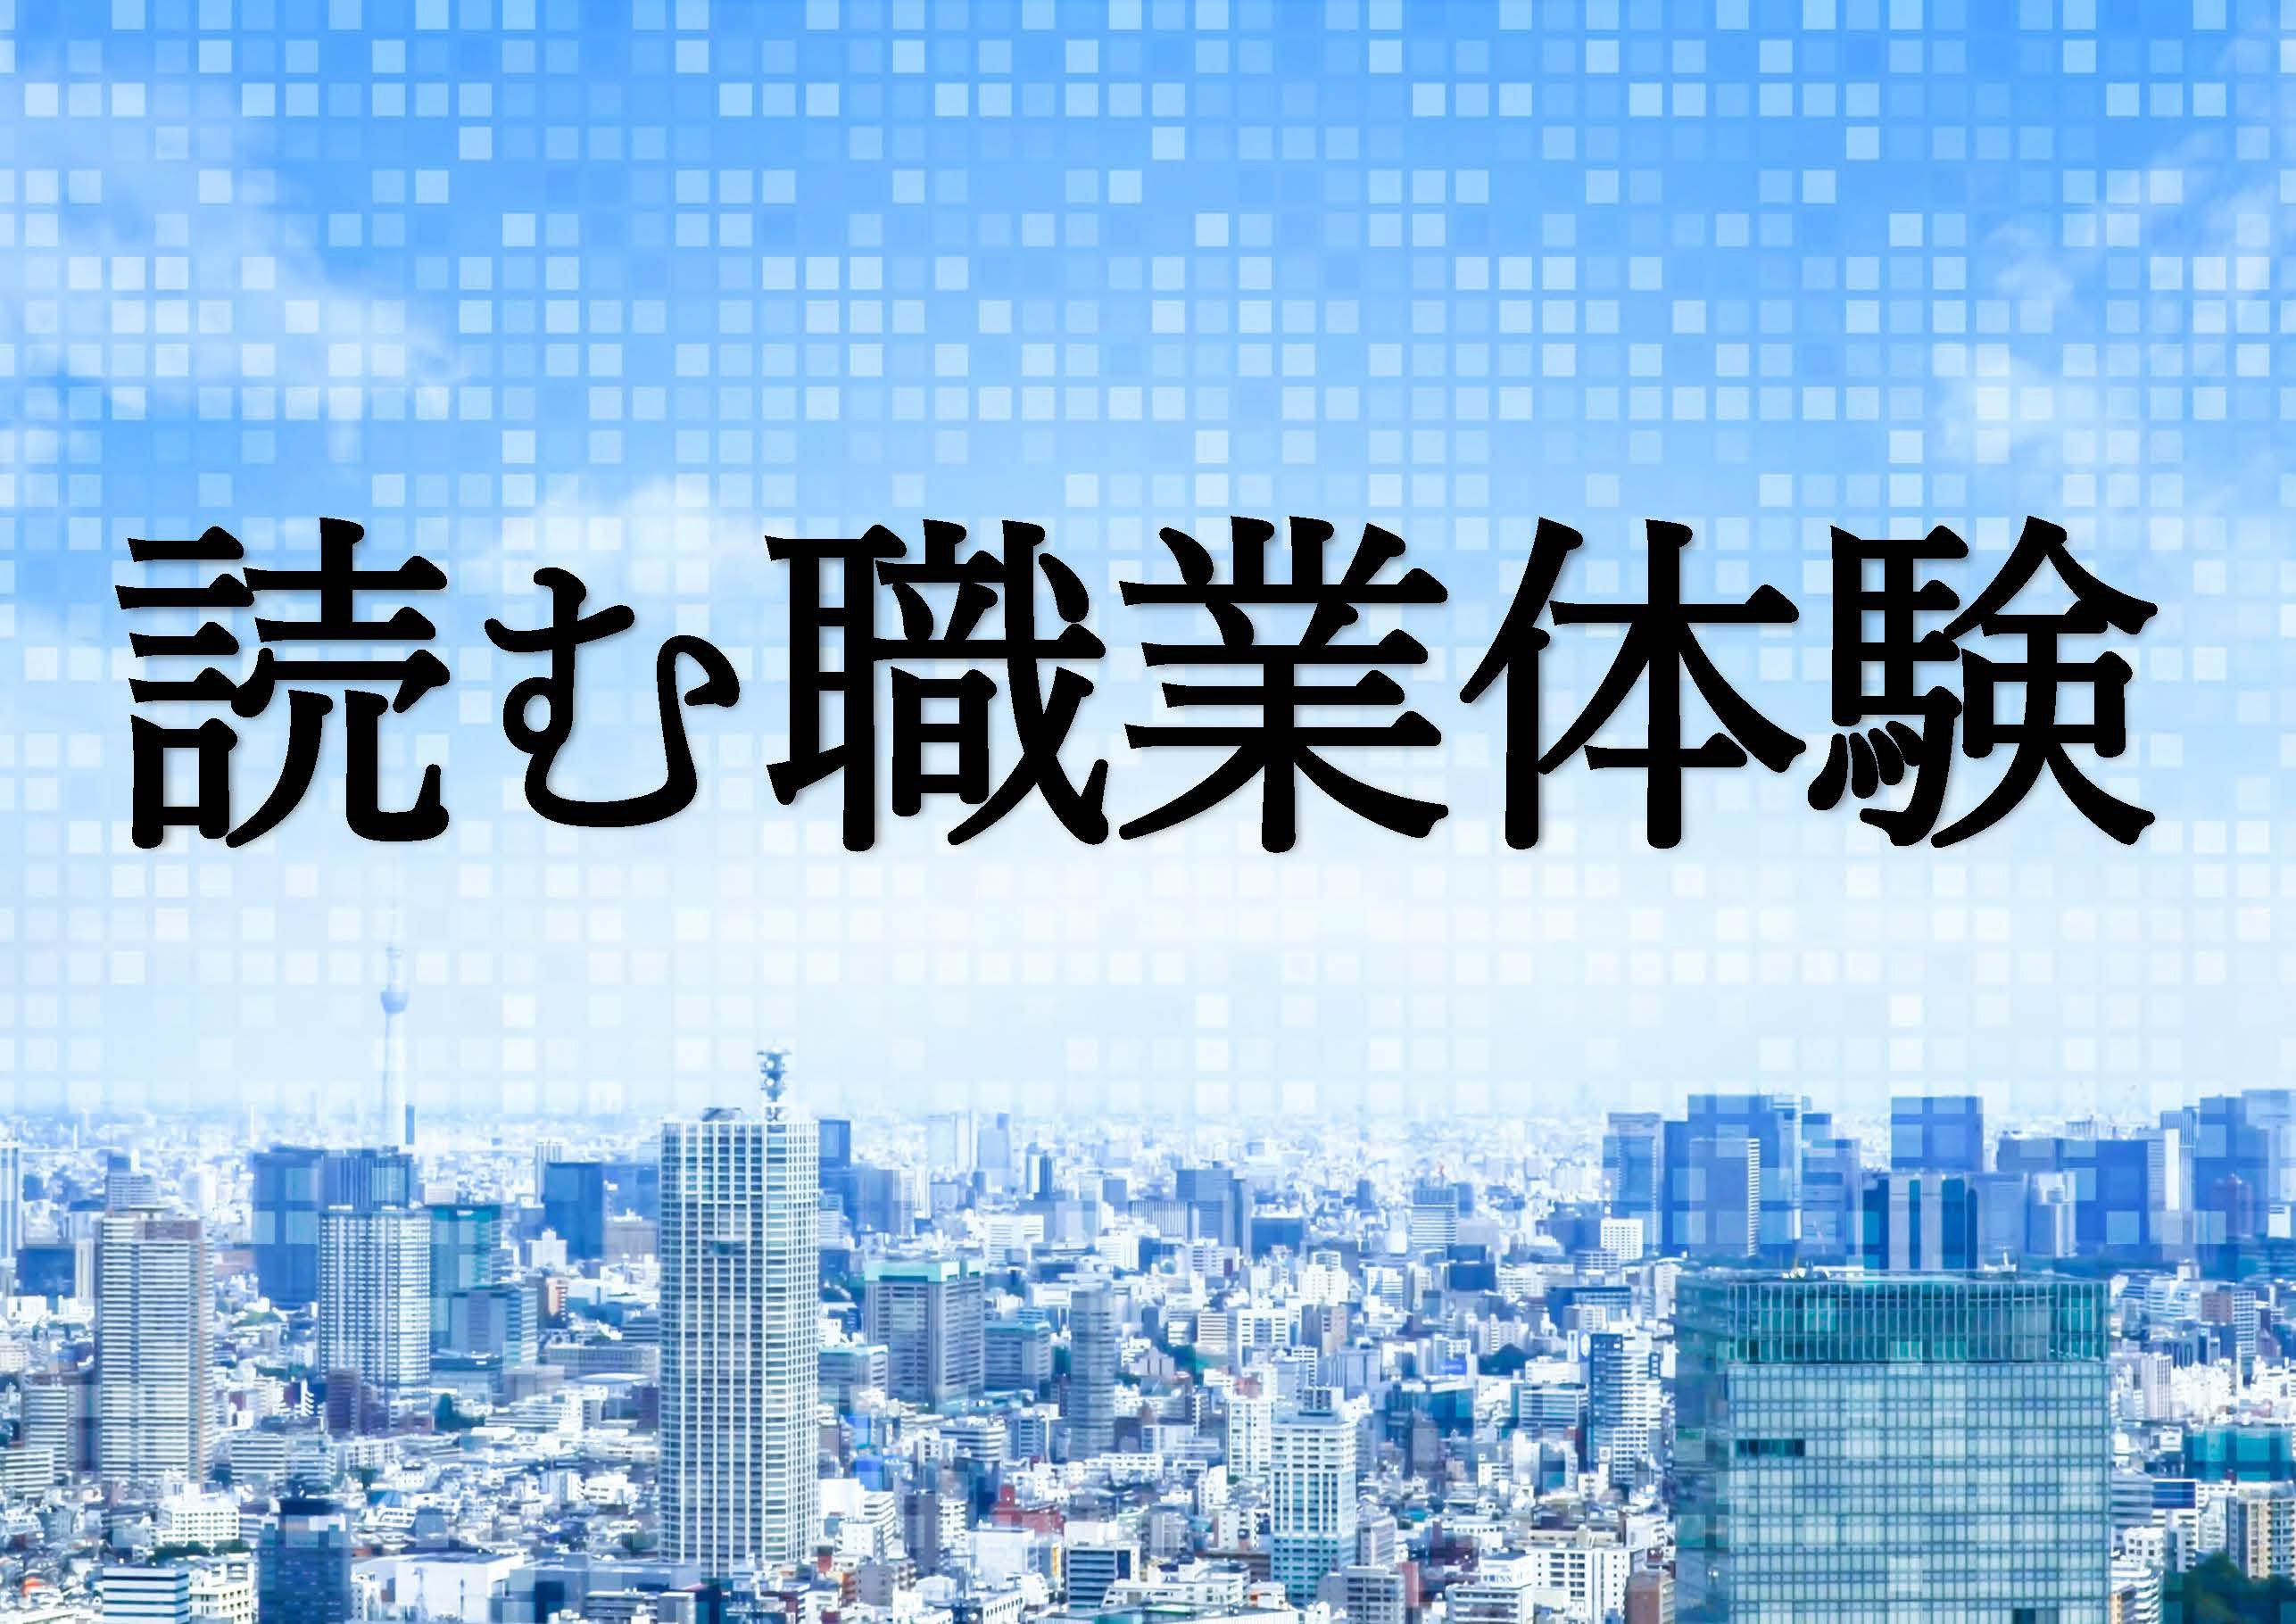 11月の特集コーナー「読む職業体験」開催中!